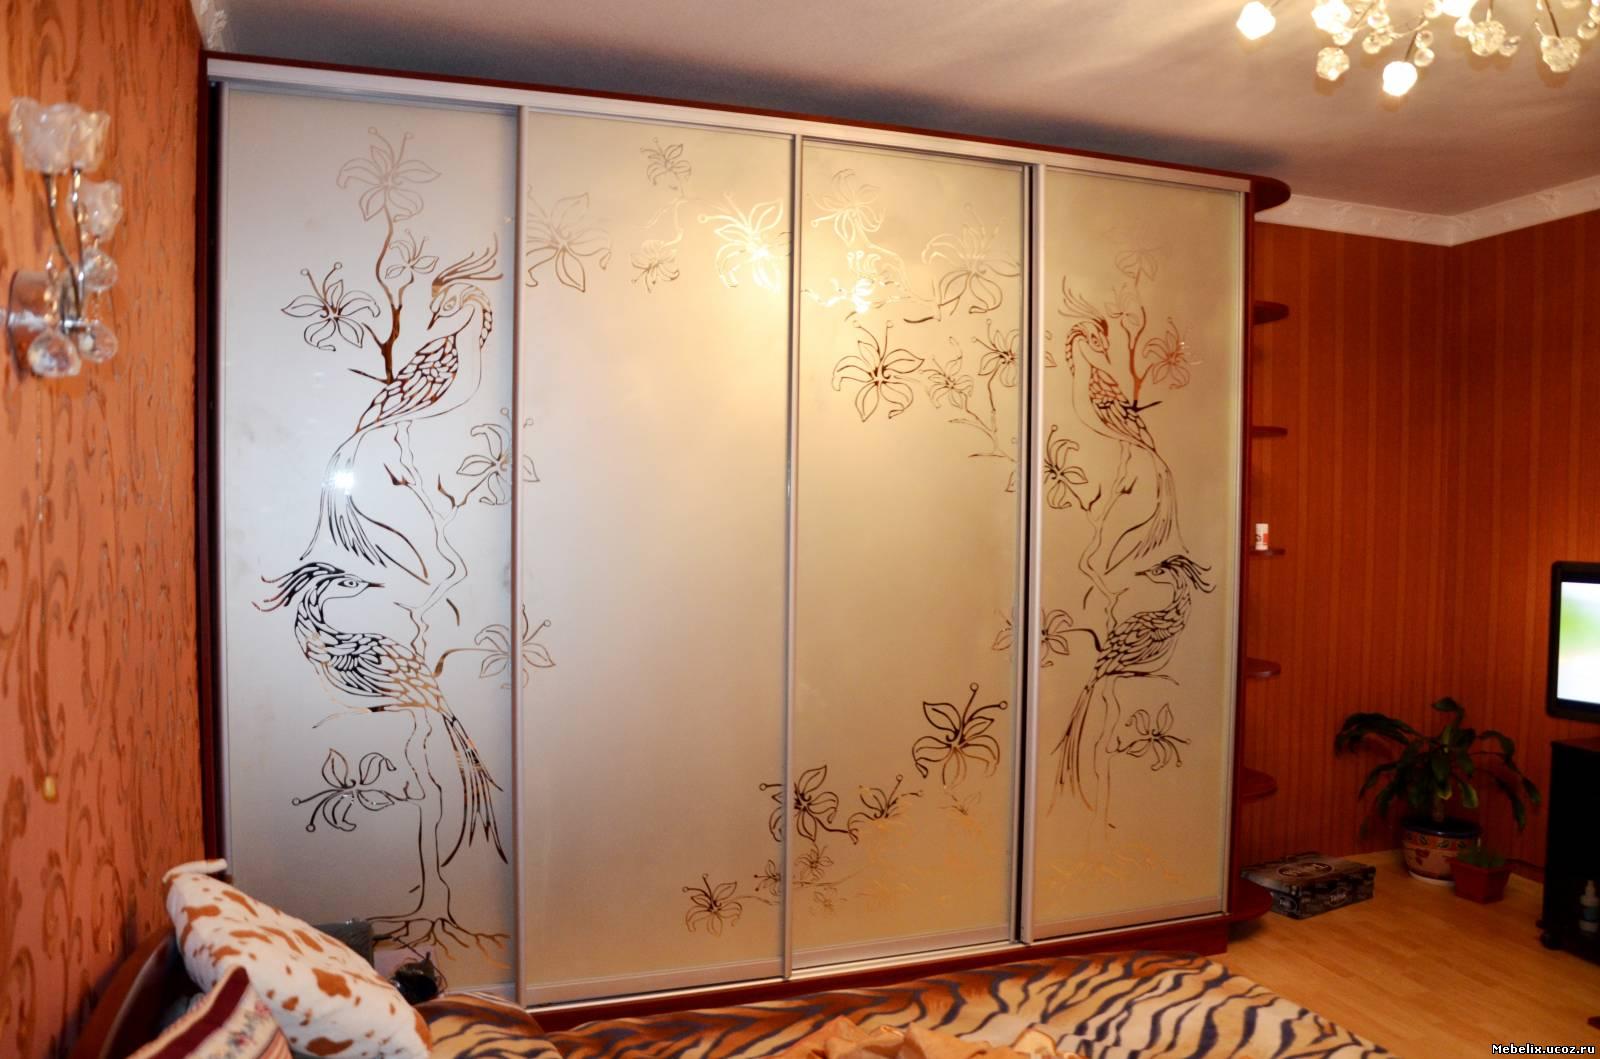 Шкафы-купе,прихожие,кровати на заказ - фотоальбомы - mebelix.